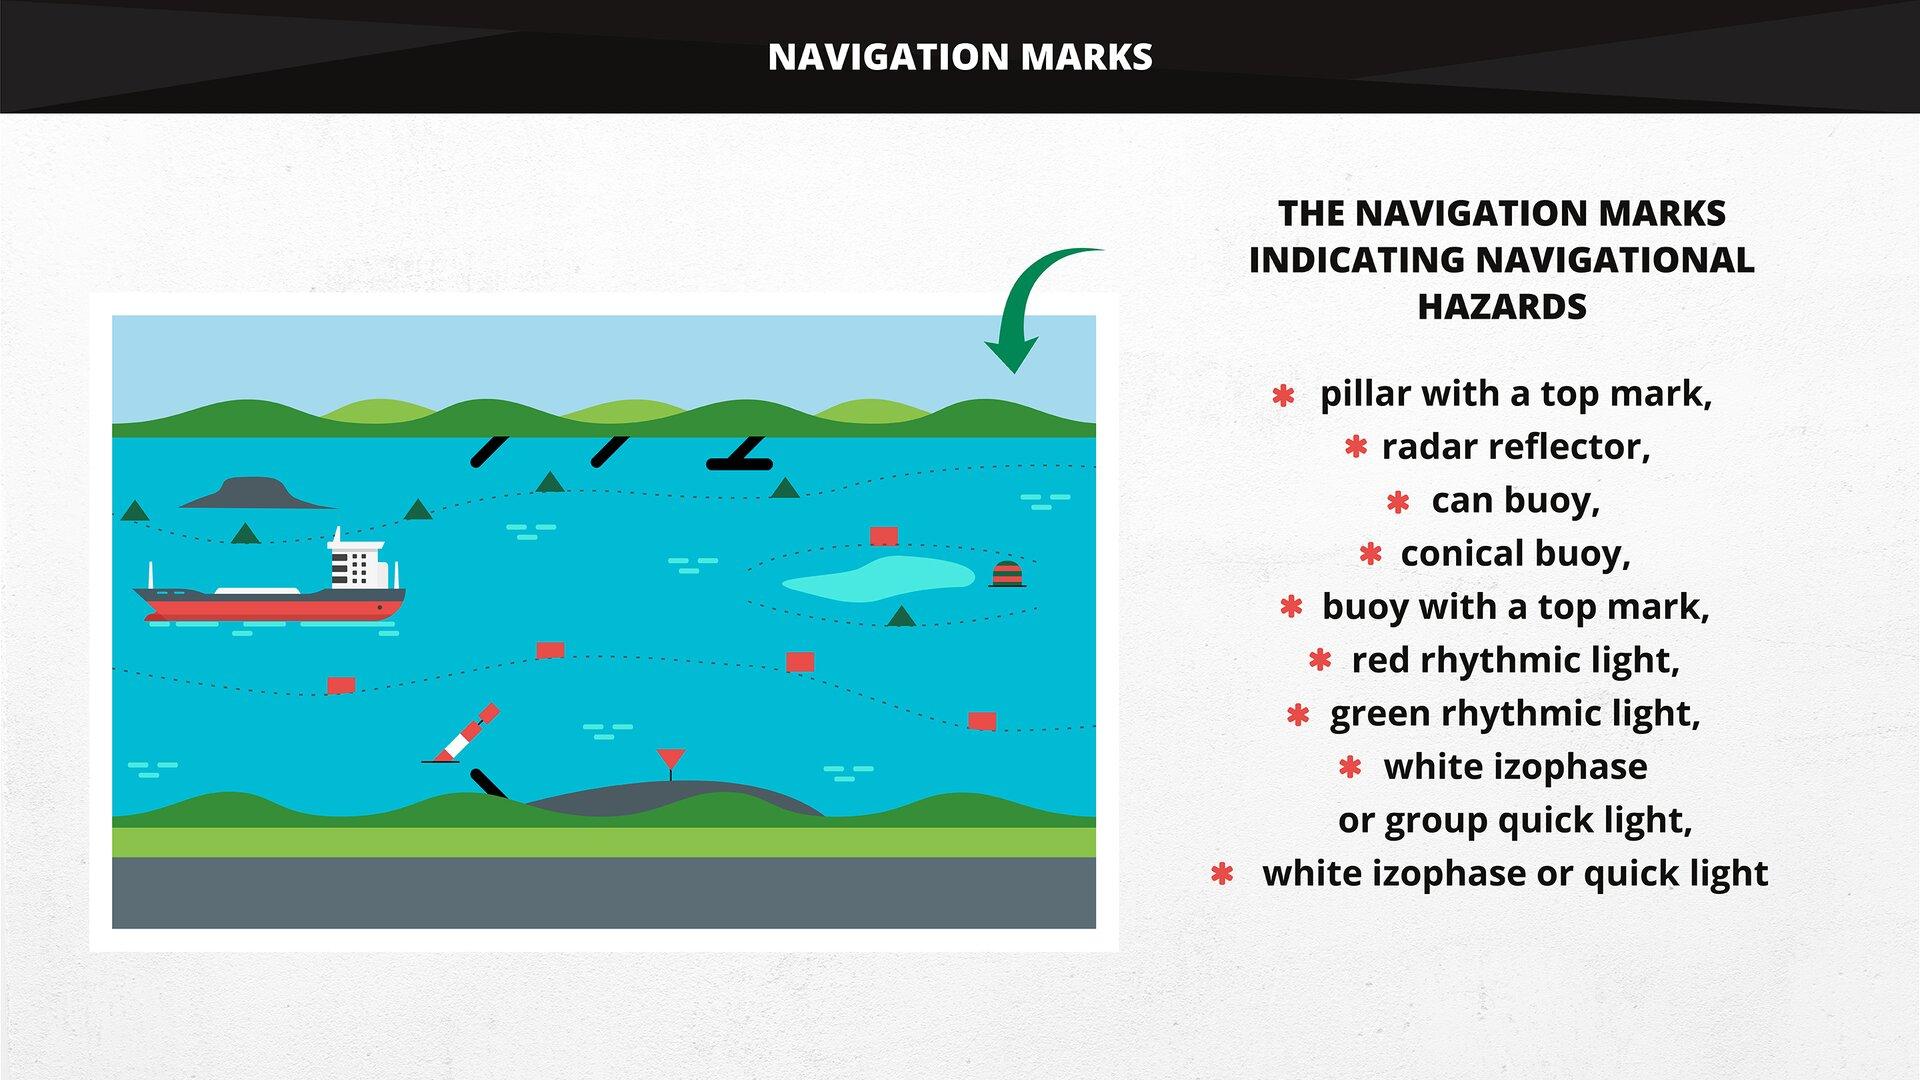 The illustration shows navigation marks indicating navigational hazards. Grafika przedstawia znaki nawigacyjne wskazujące przeszkody żeglugowe.